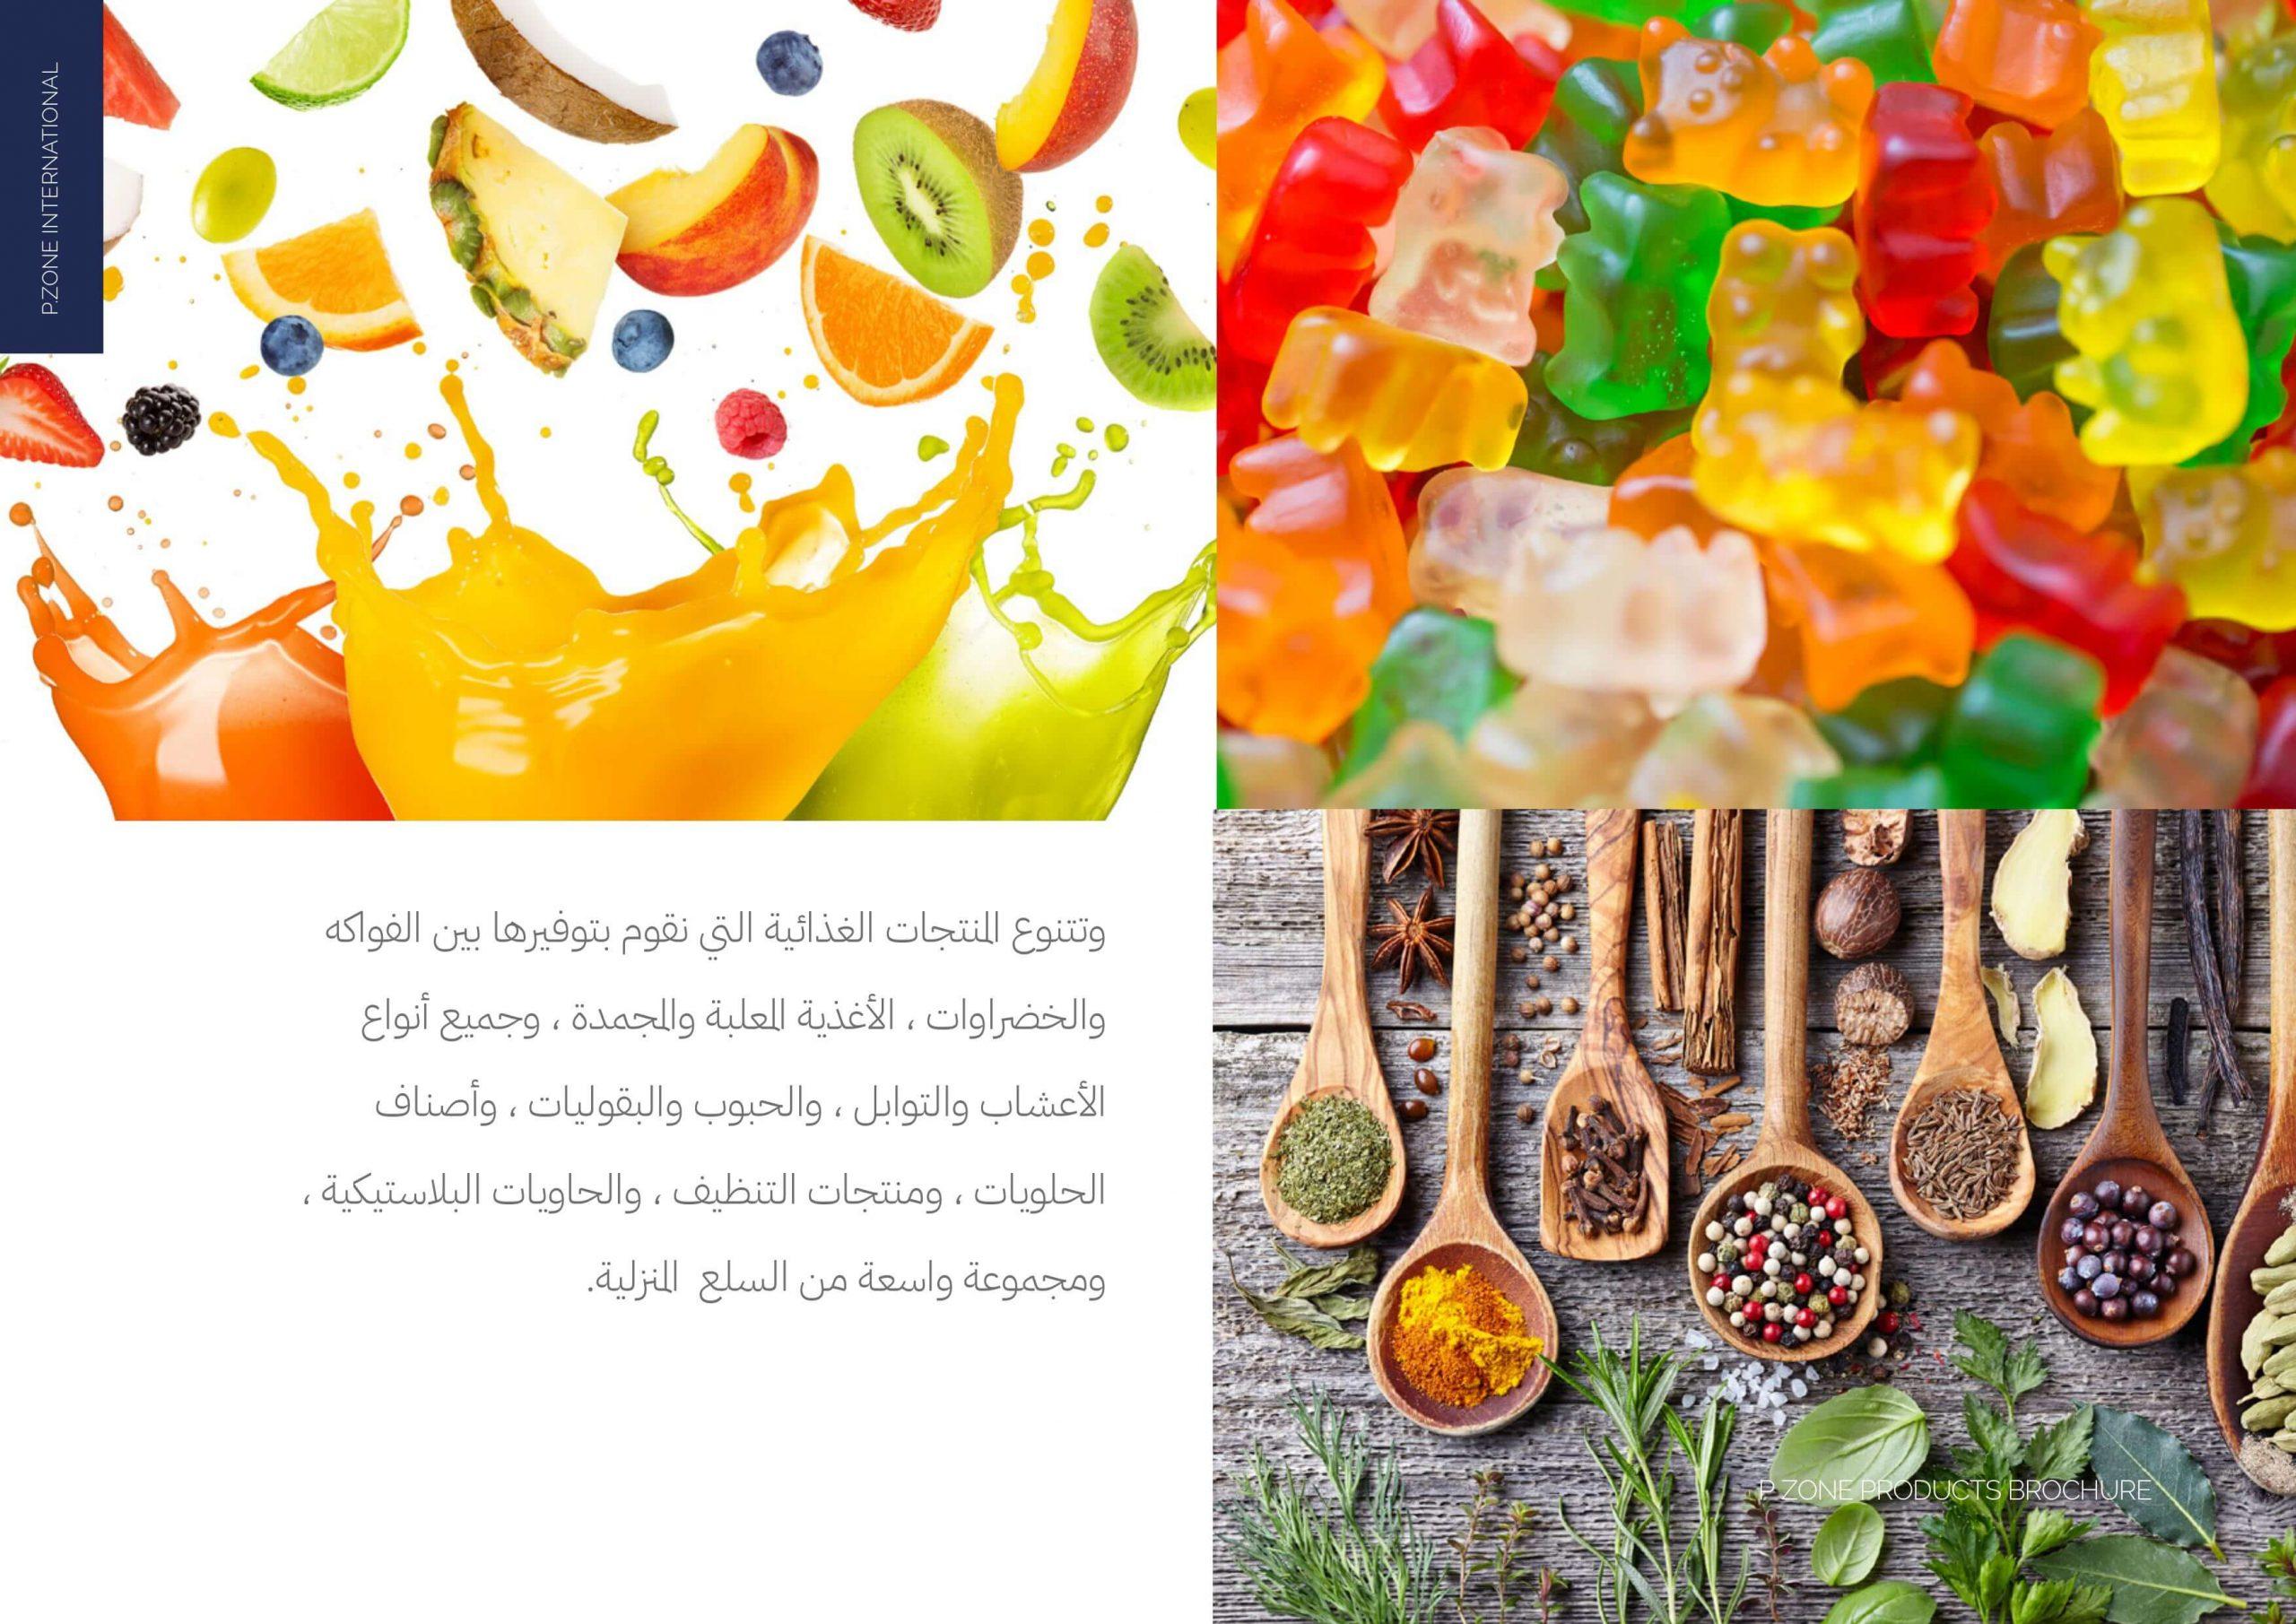 شركات تصدير منتجات غذائية في مصر